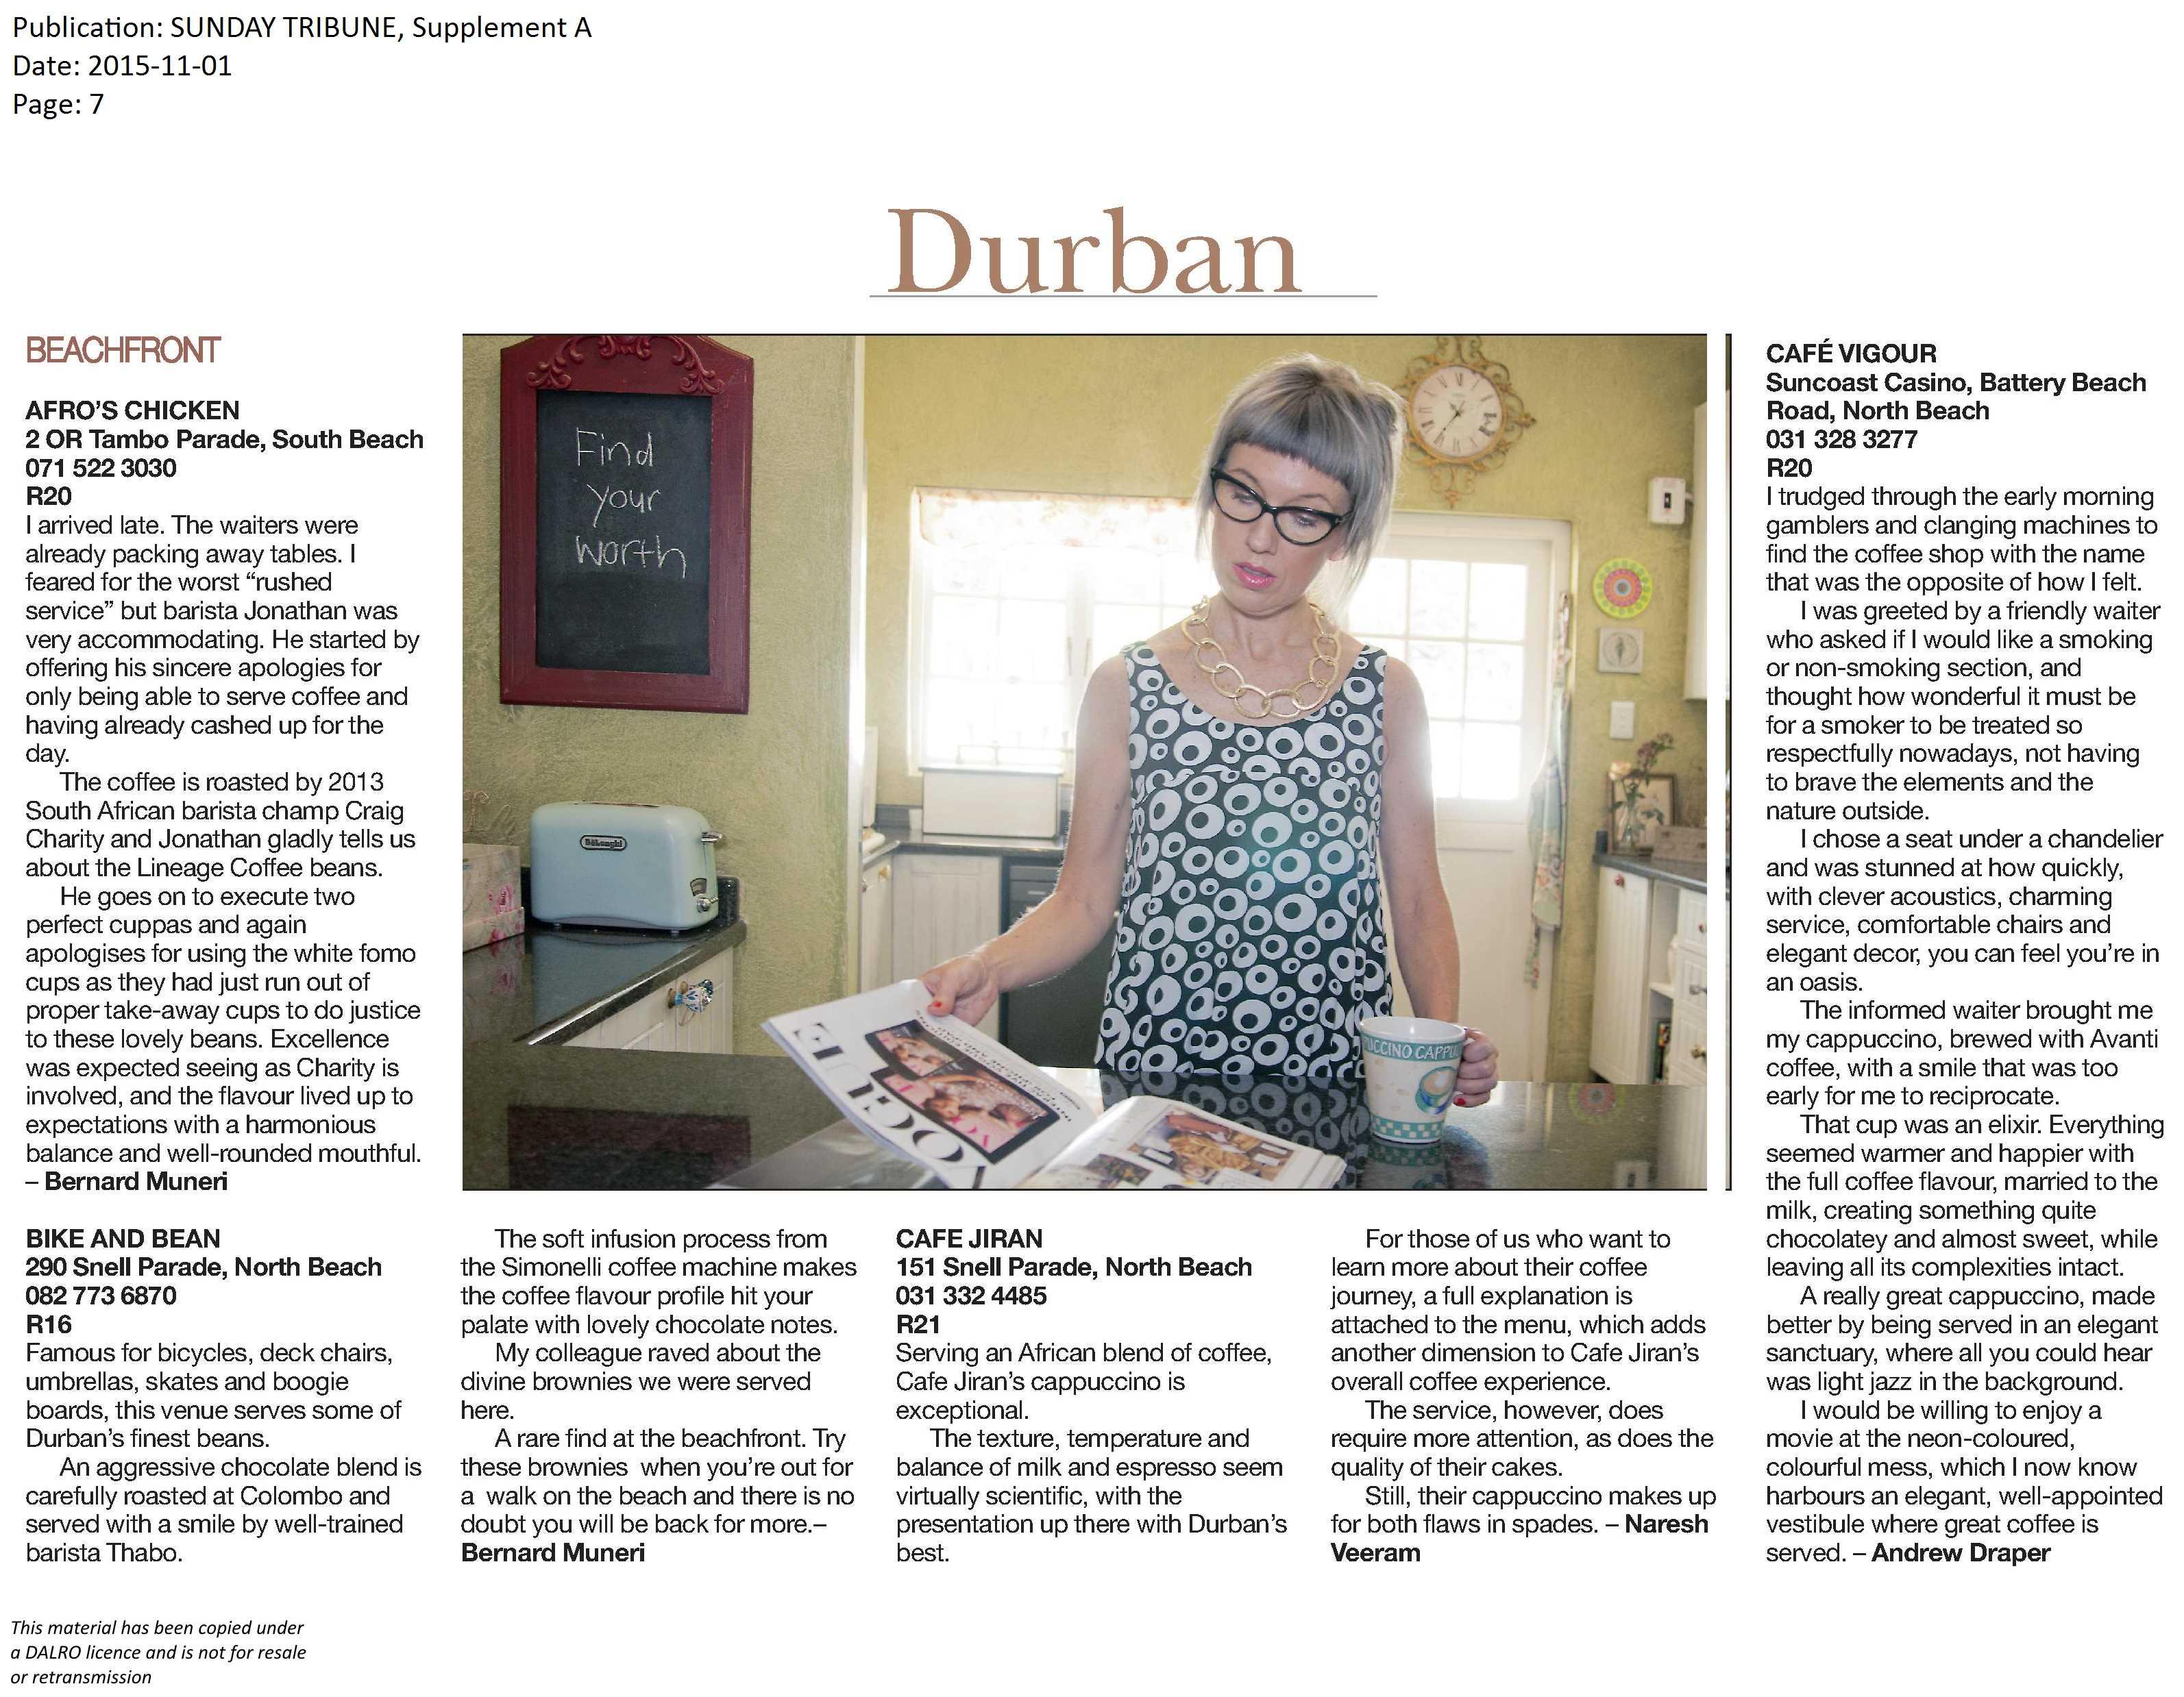 Sunday-Tribune-Cafe-Vigour-Review-1-November-2015